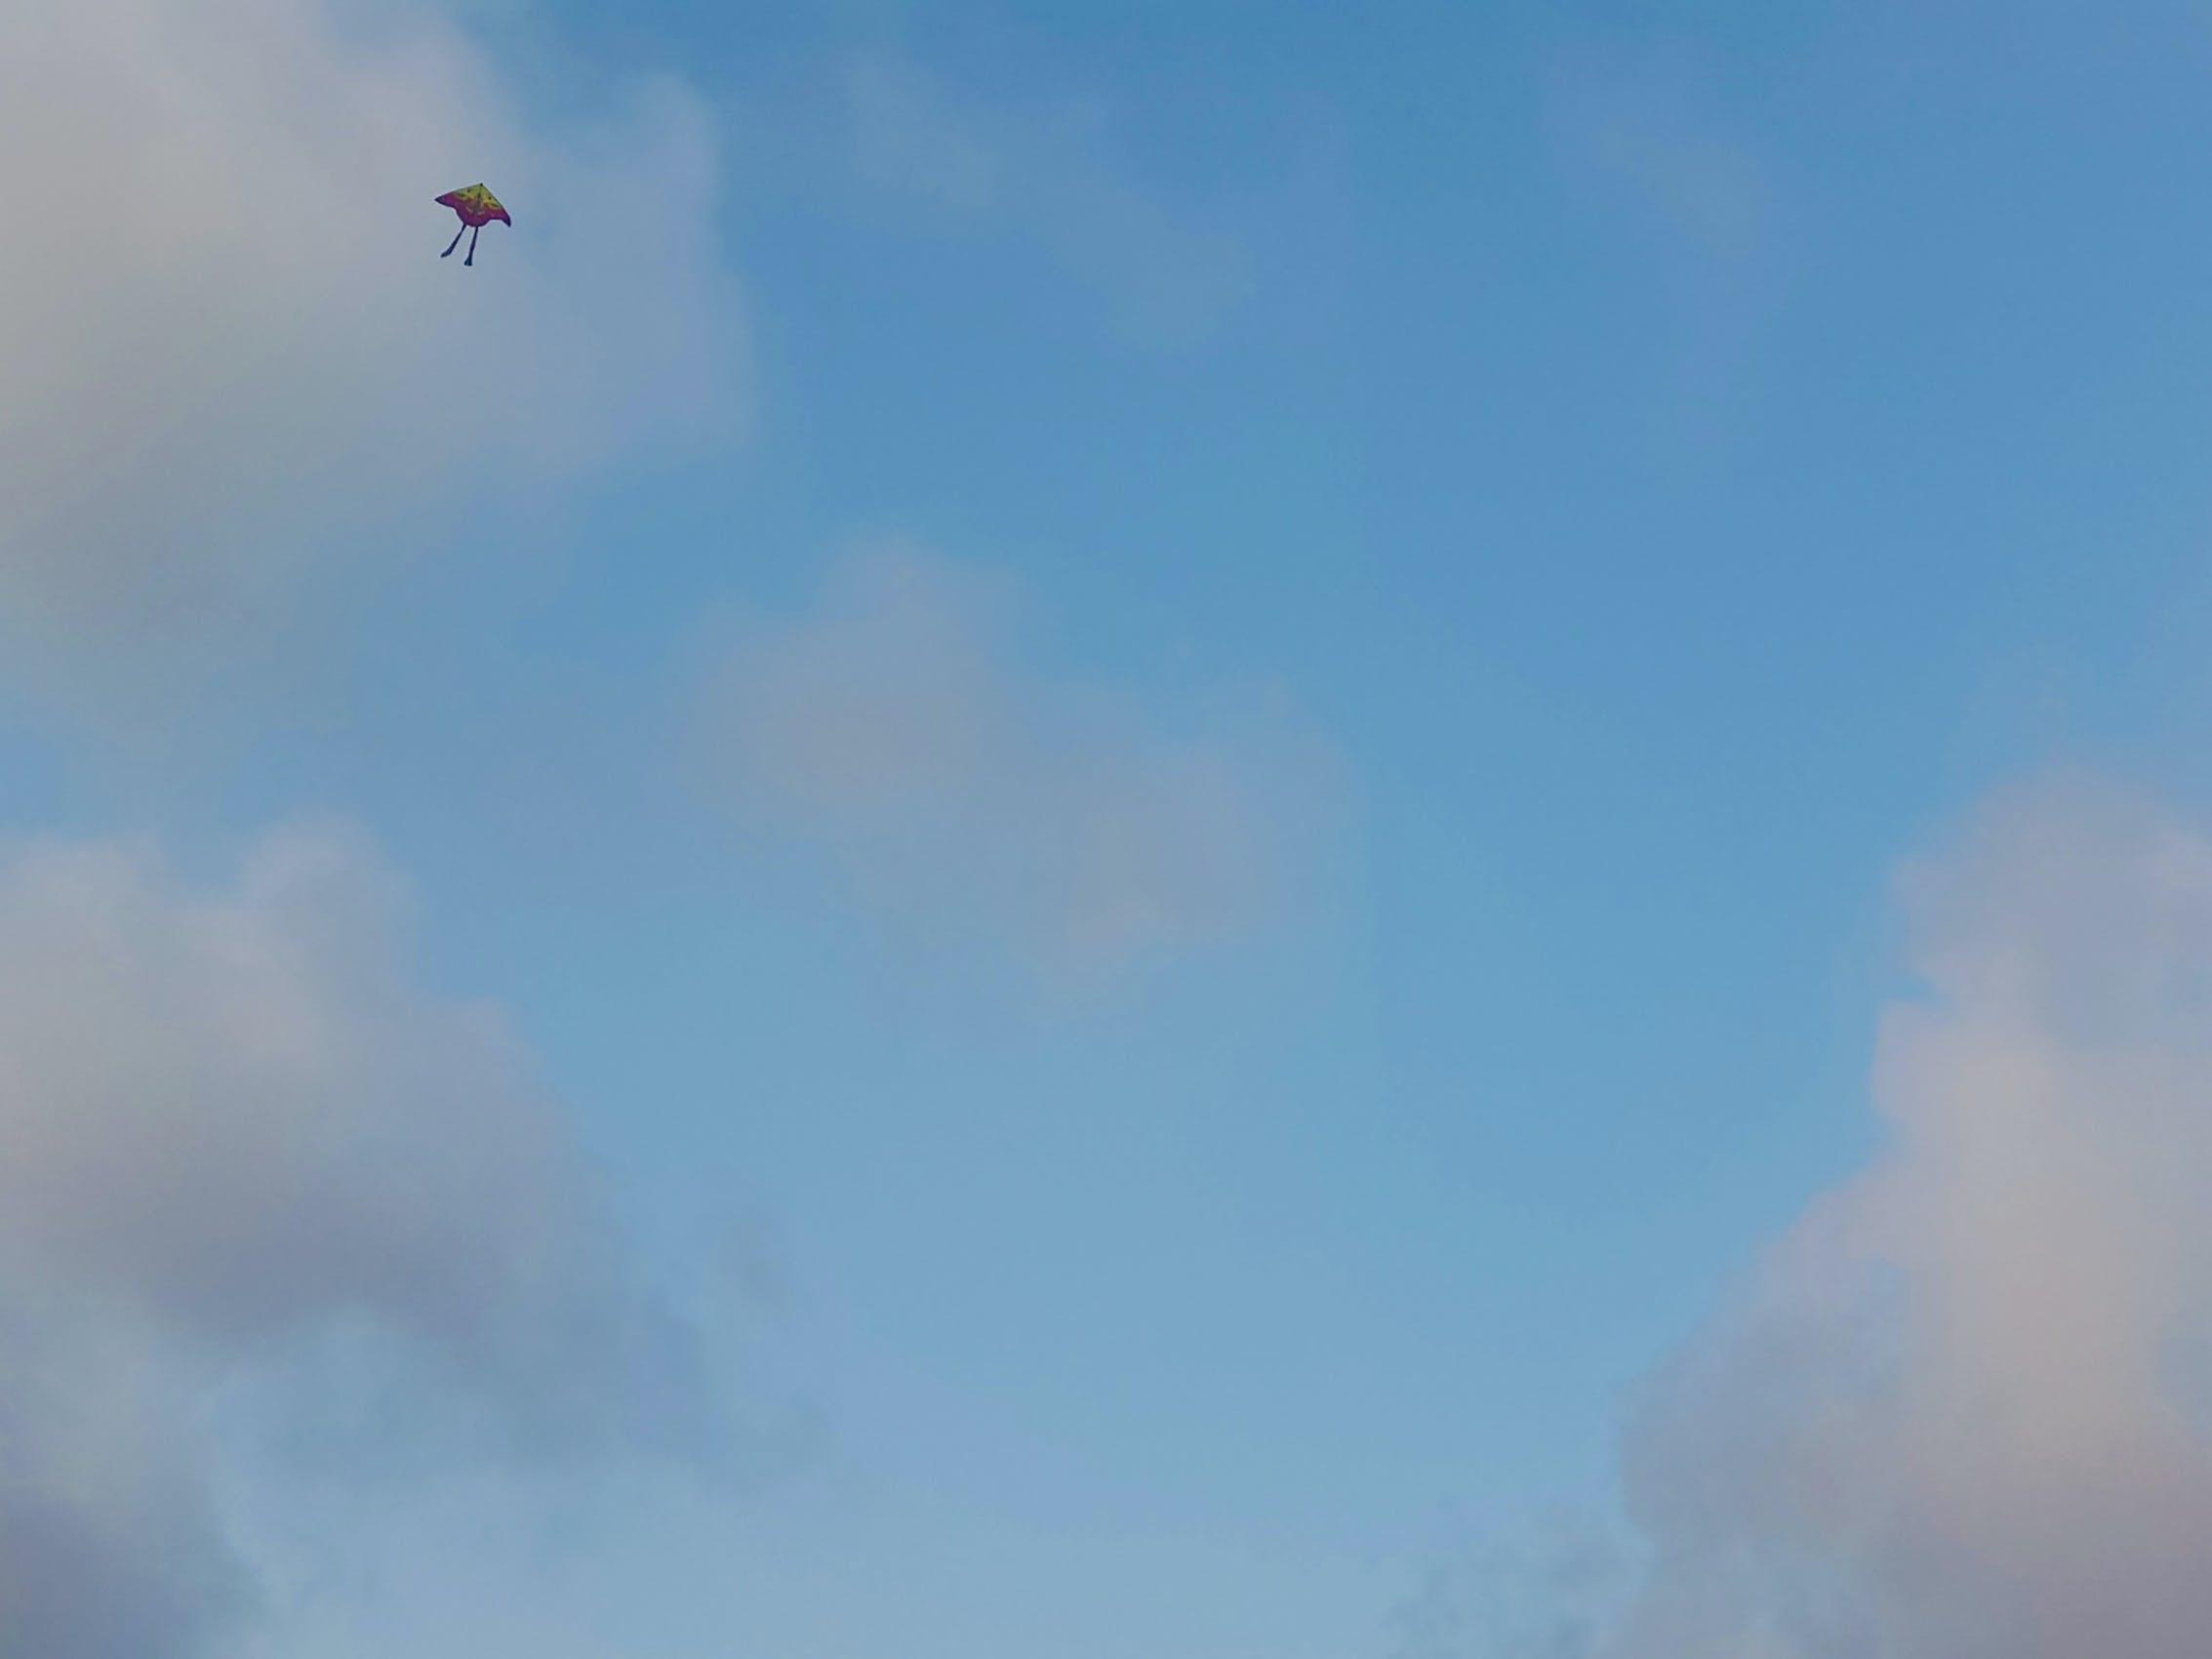 Free stock photo of sky, kite